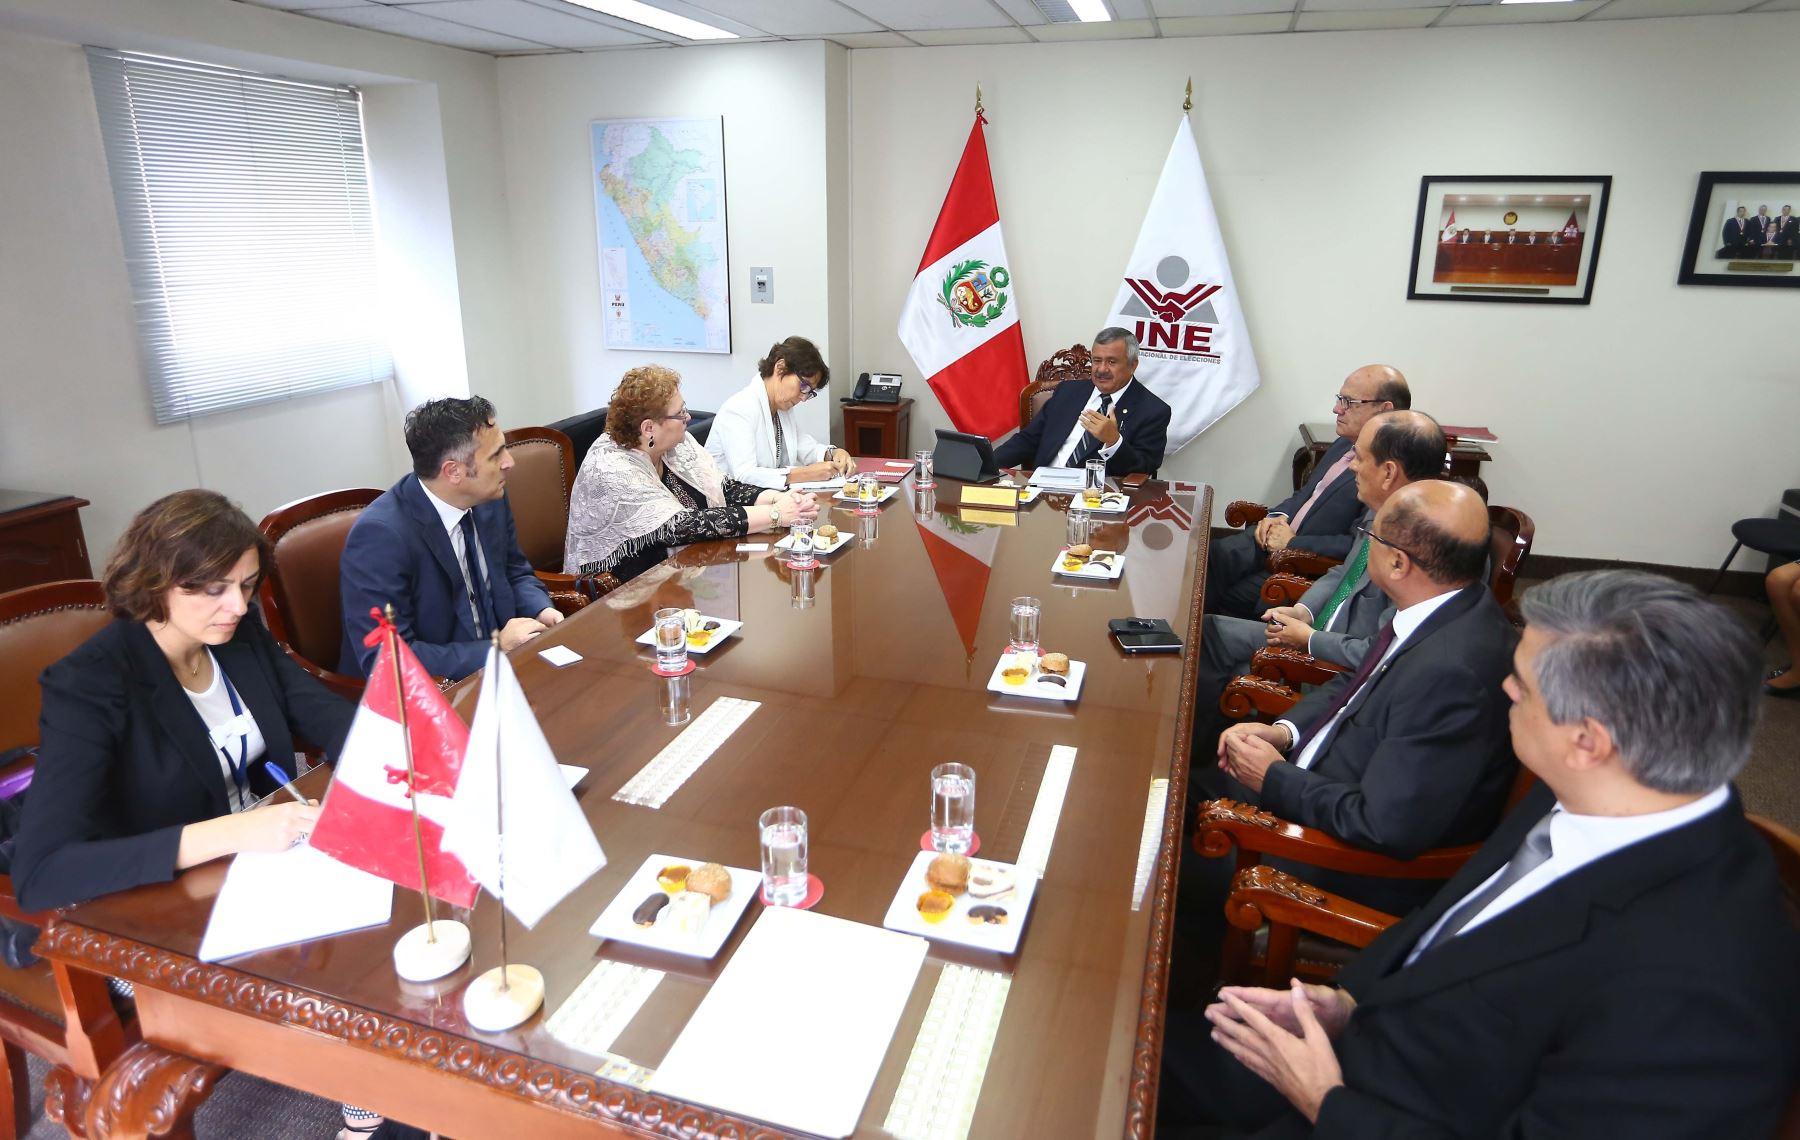 Observadores de la Unión Europea y OEA se reúnen con representantes del JNE.